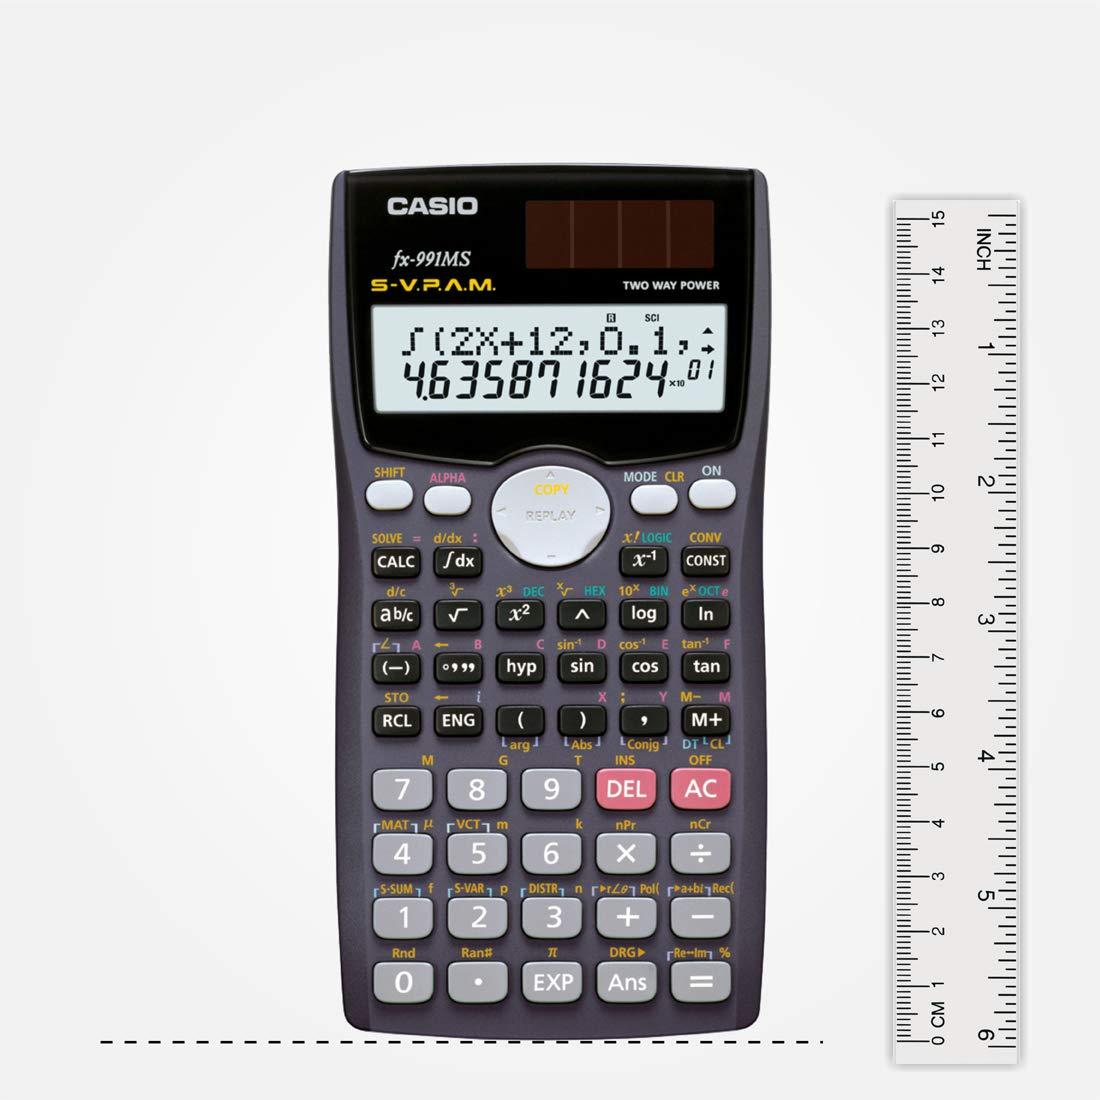 Calculadora Escritorio, Bater/ía, Display calculator, Gris, Plata, Botones, Dot-matrix Casio FX-991MS